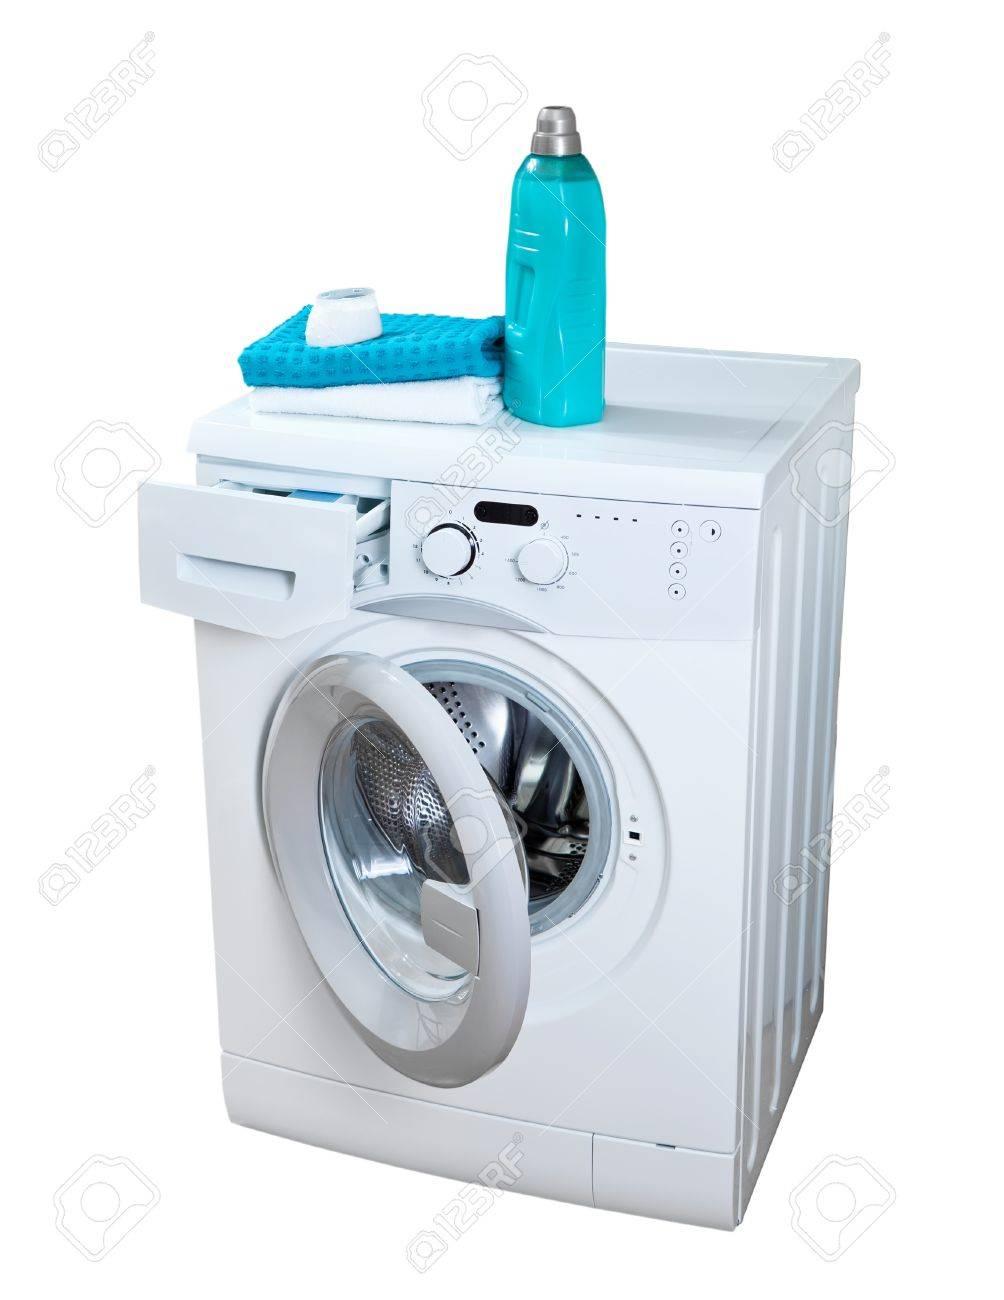 Washing machine and laundry powder for washing. - 13694385